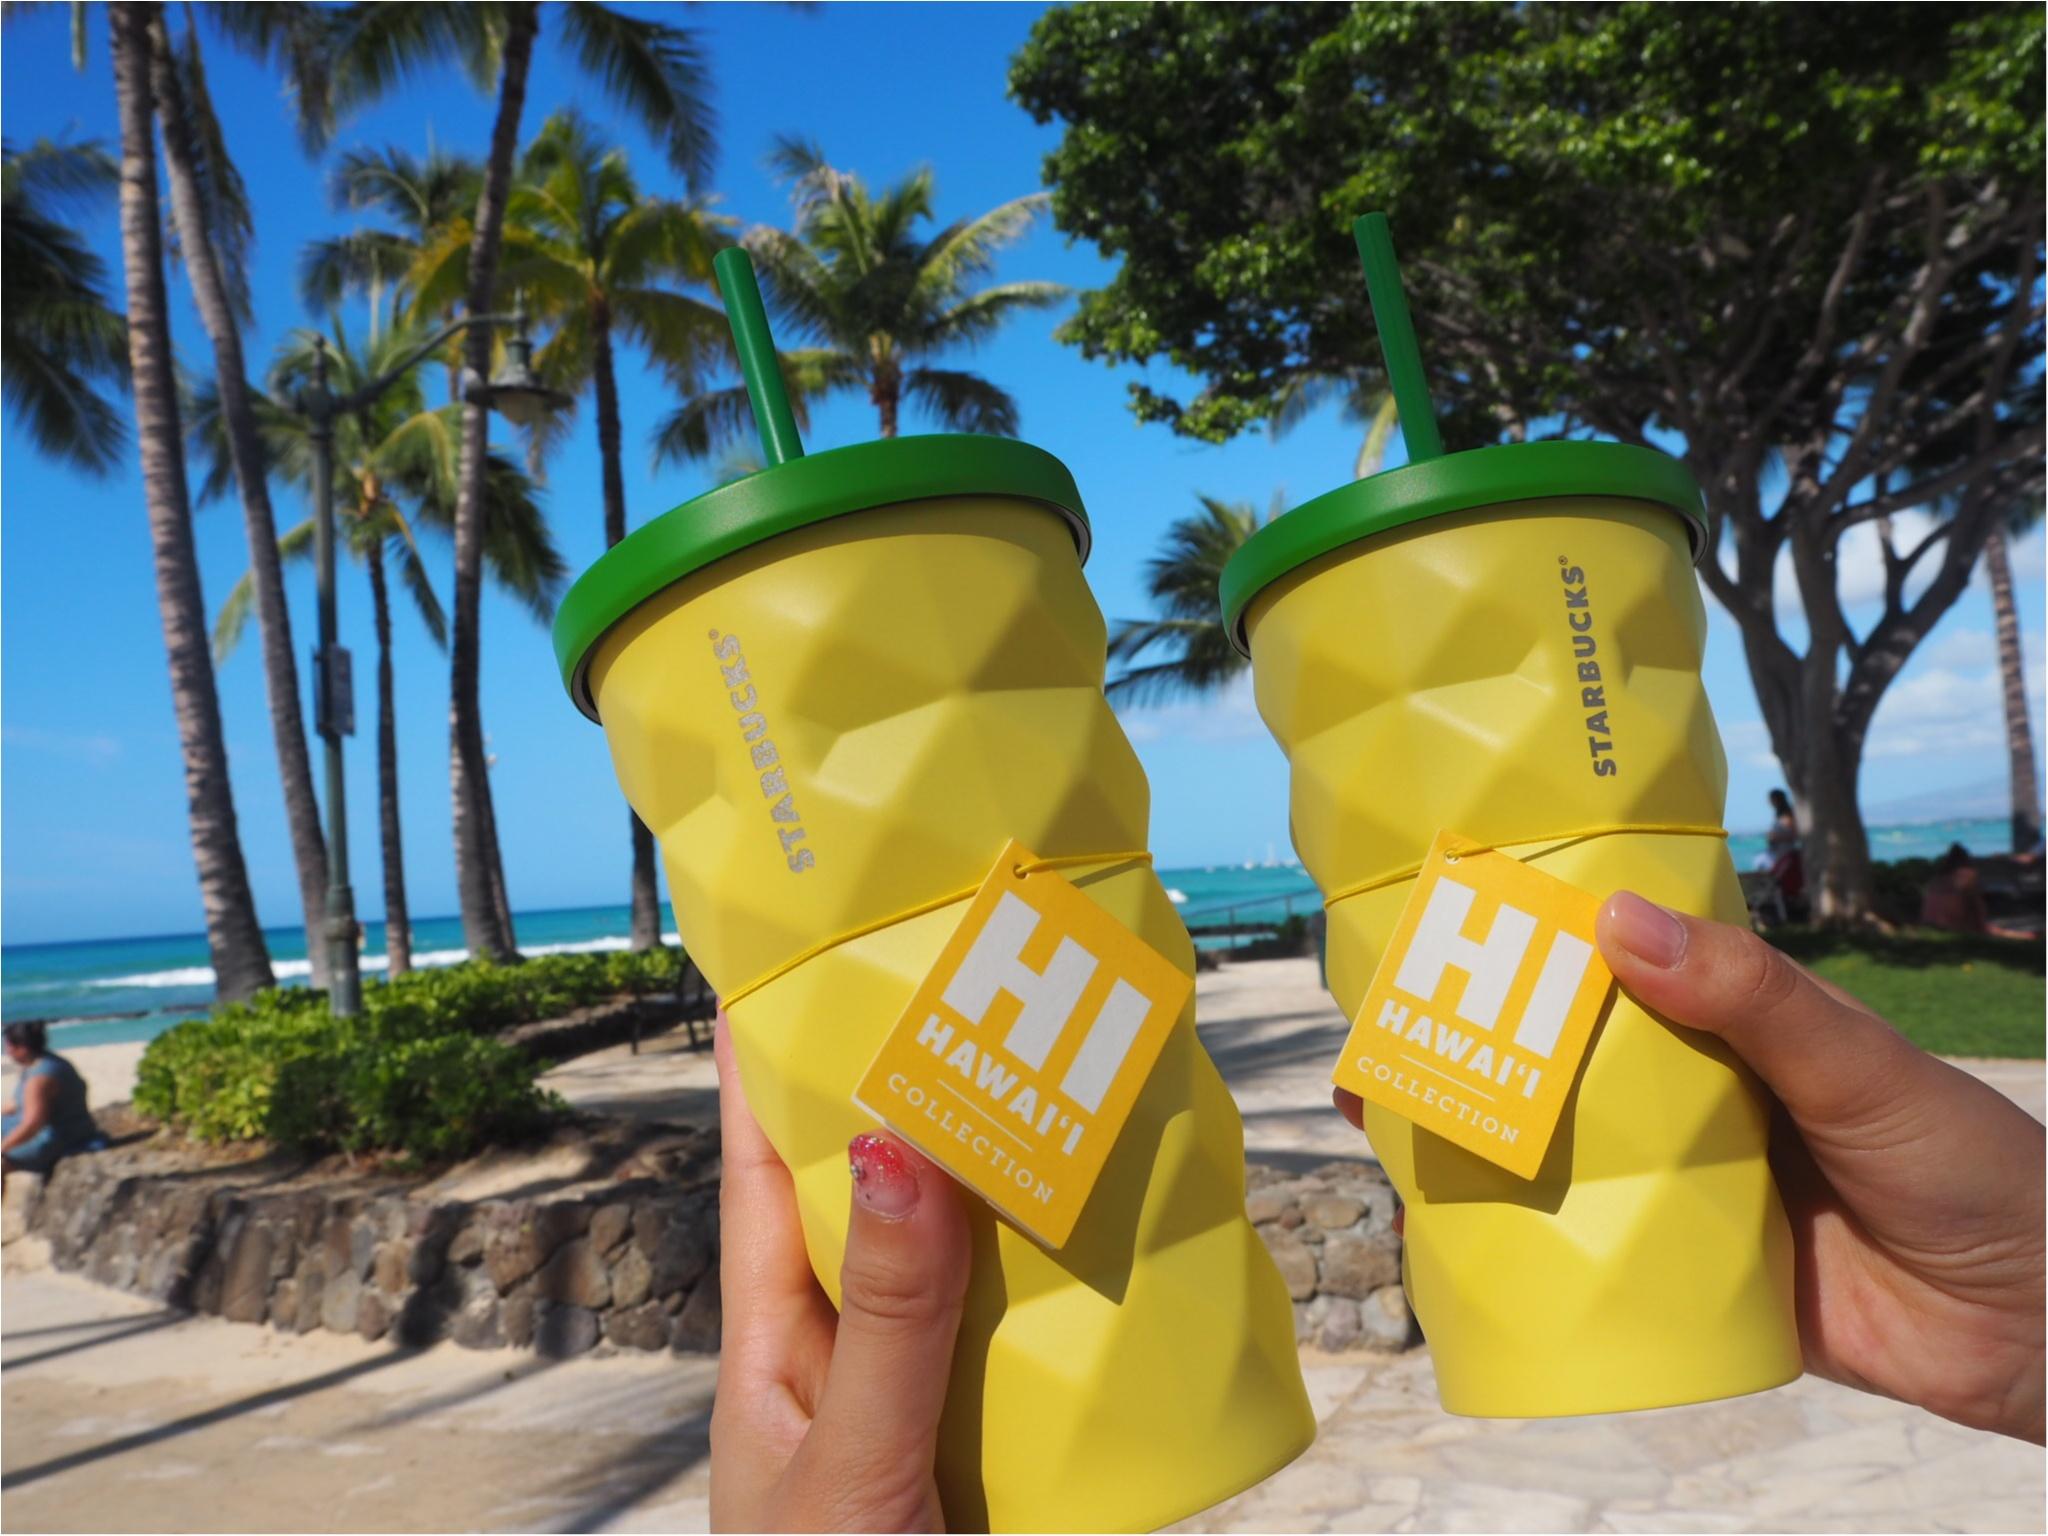 ハワイ女子旅特集 - 人気のカフェやグルメ、インスタ映えスポット、ディズニーなど旅する女子のおすすめまとめ_157